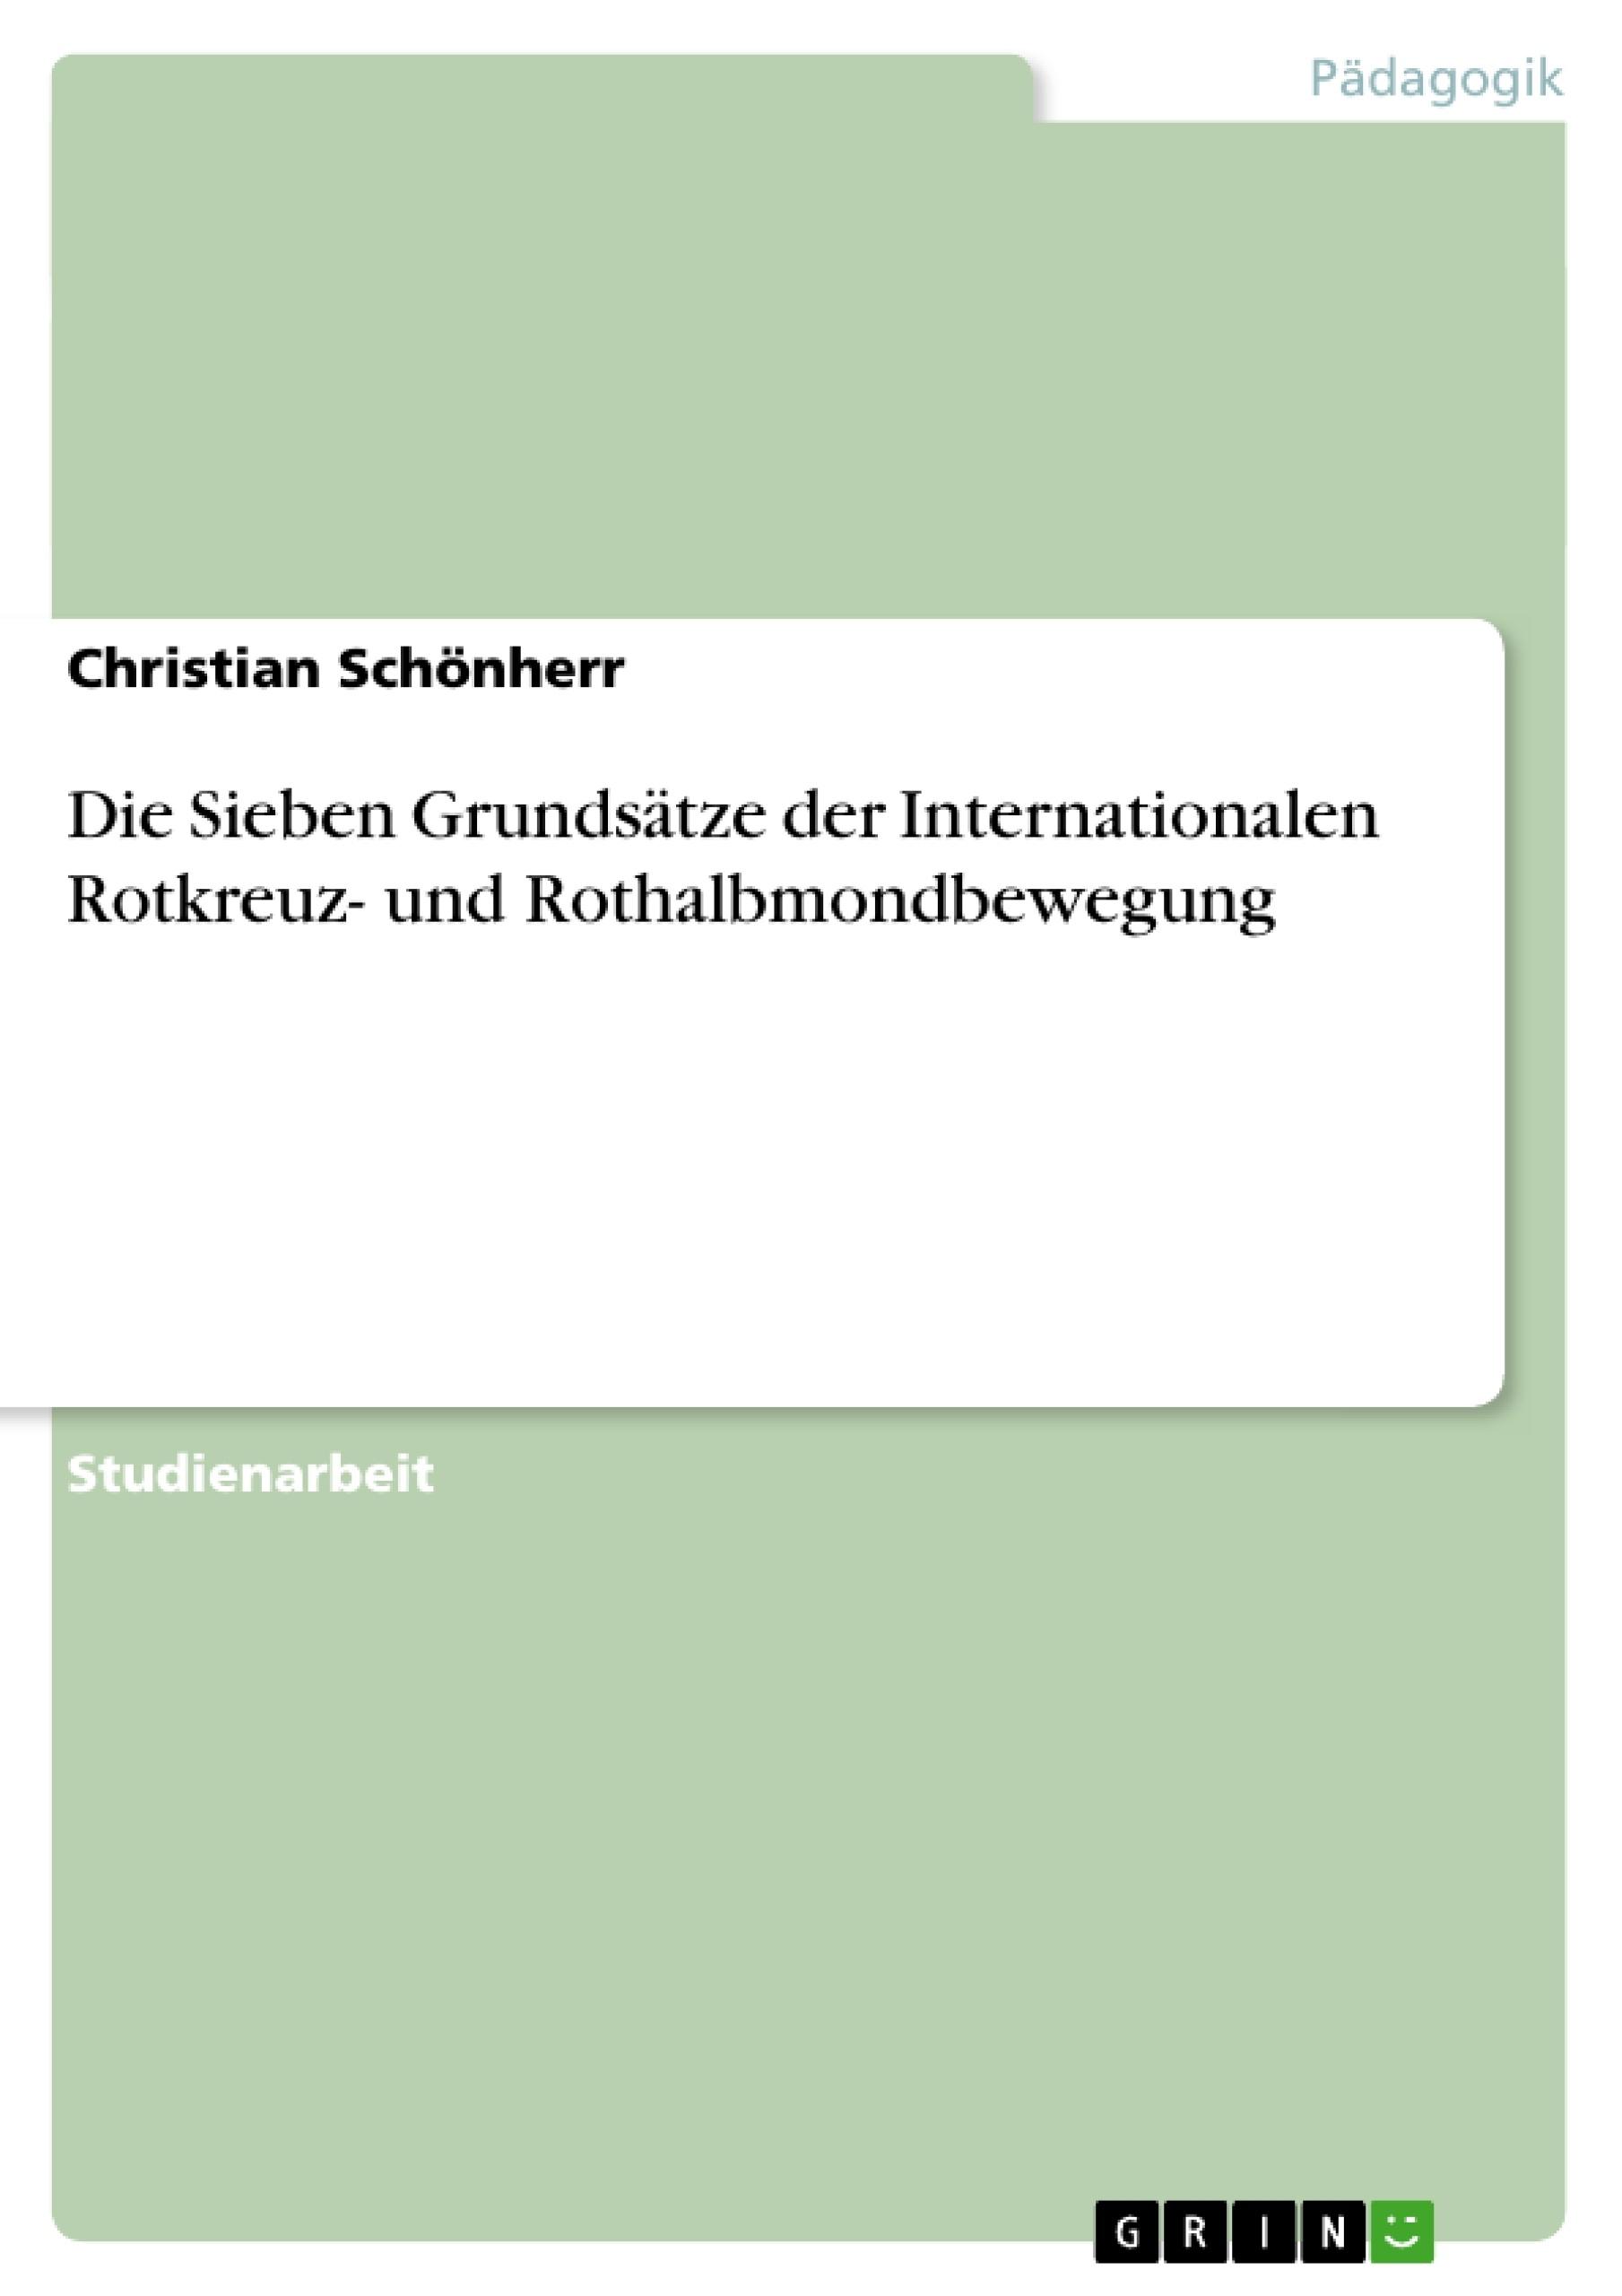 Titel: Die Sieben Grundsätze der Internationalen Rotkreuz- und Rothalbmondbewegung